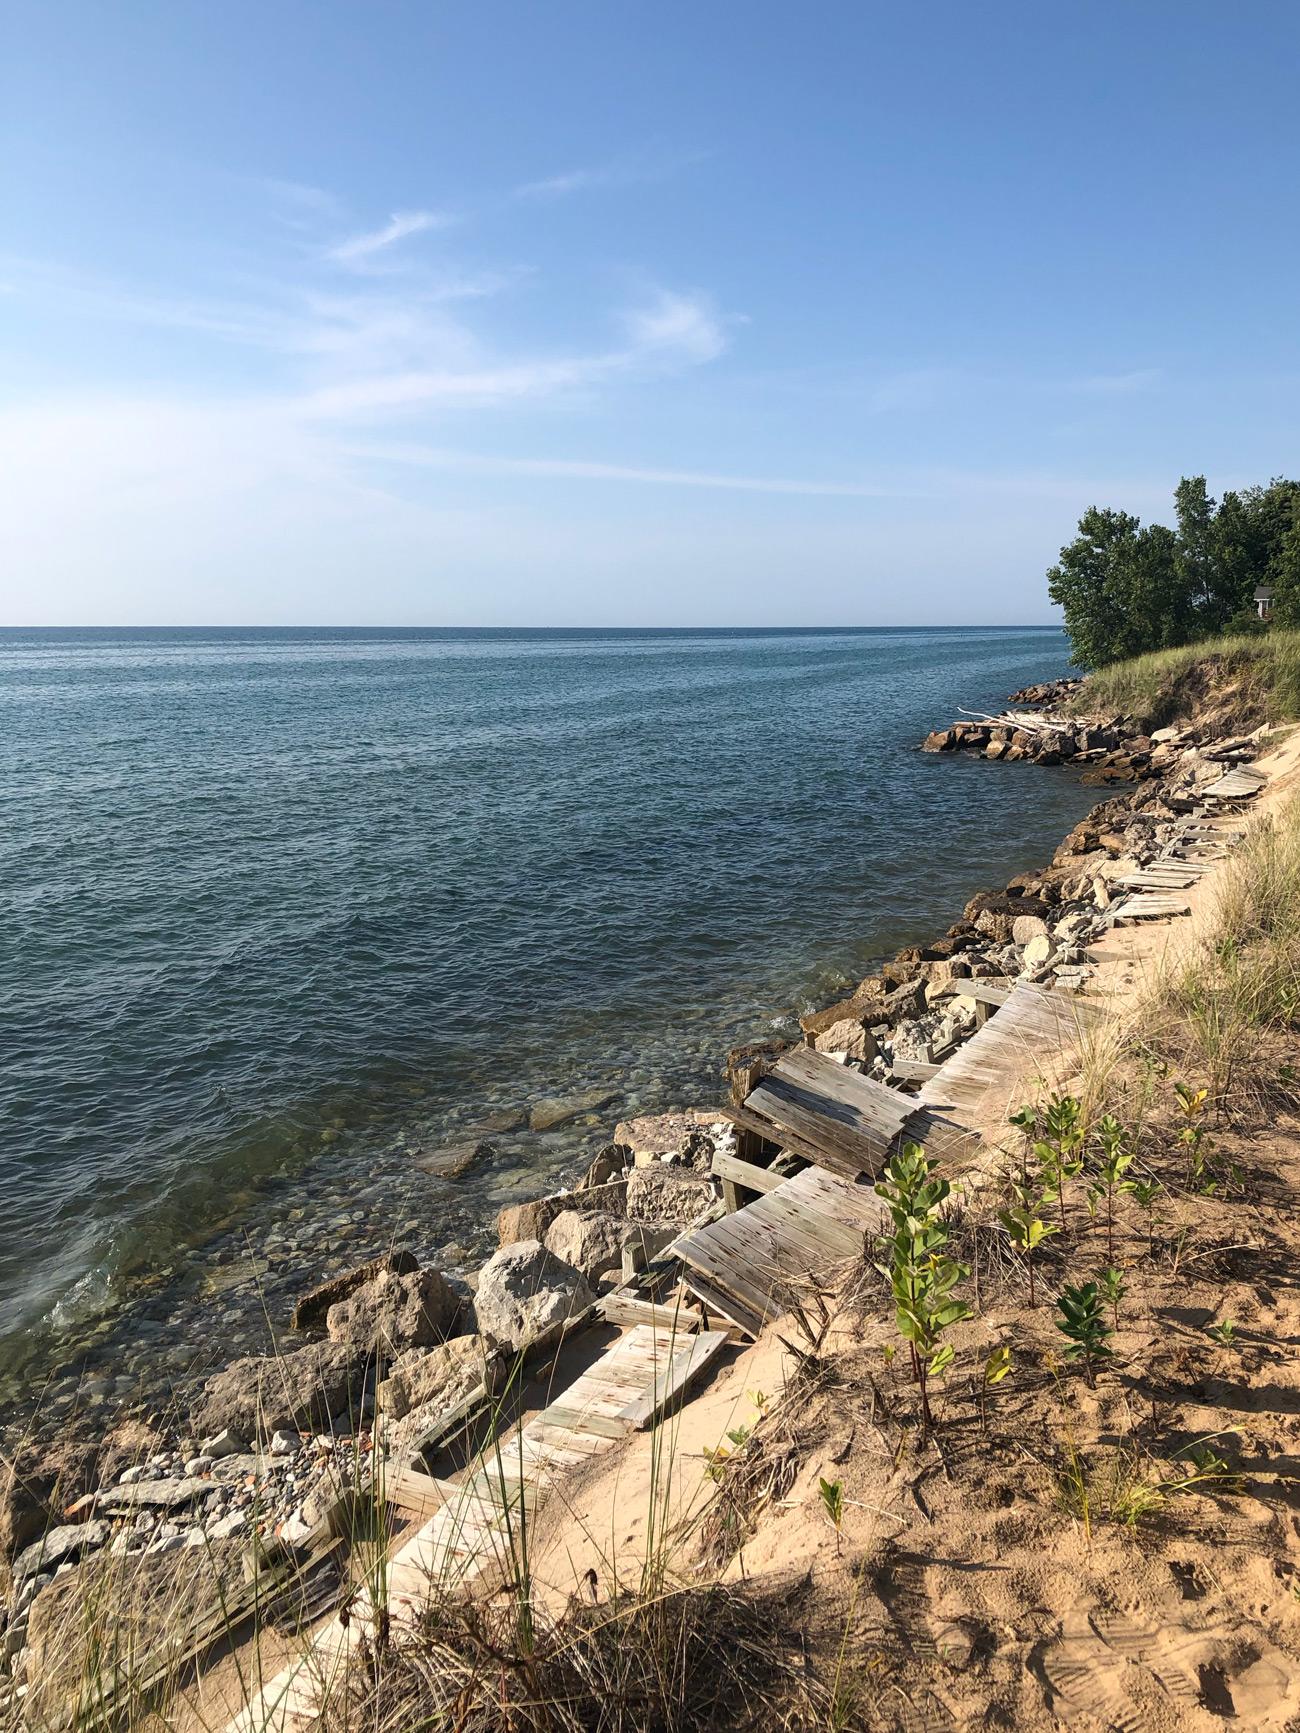 Storm-damaged boardwalk along Lake Michigan